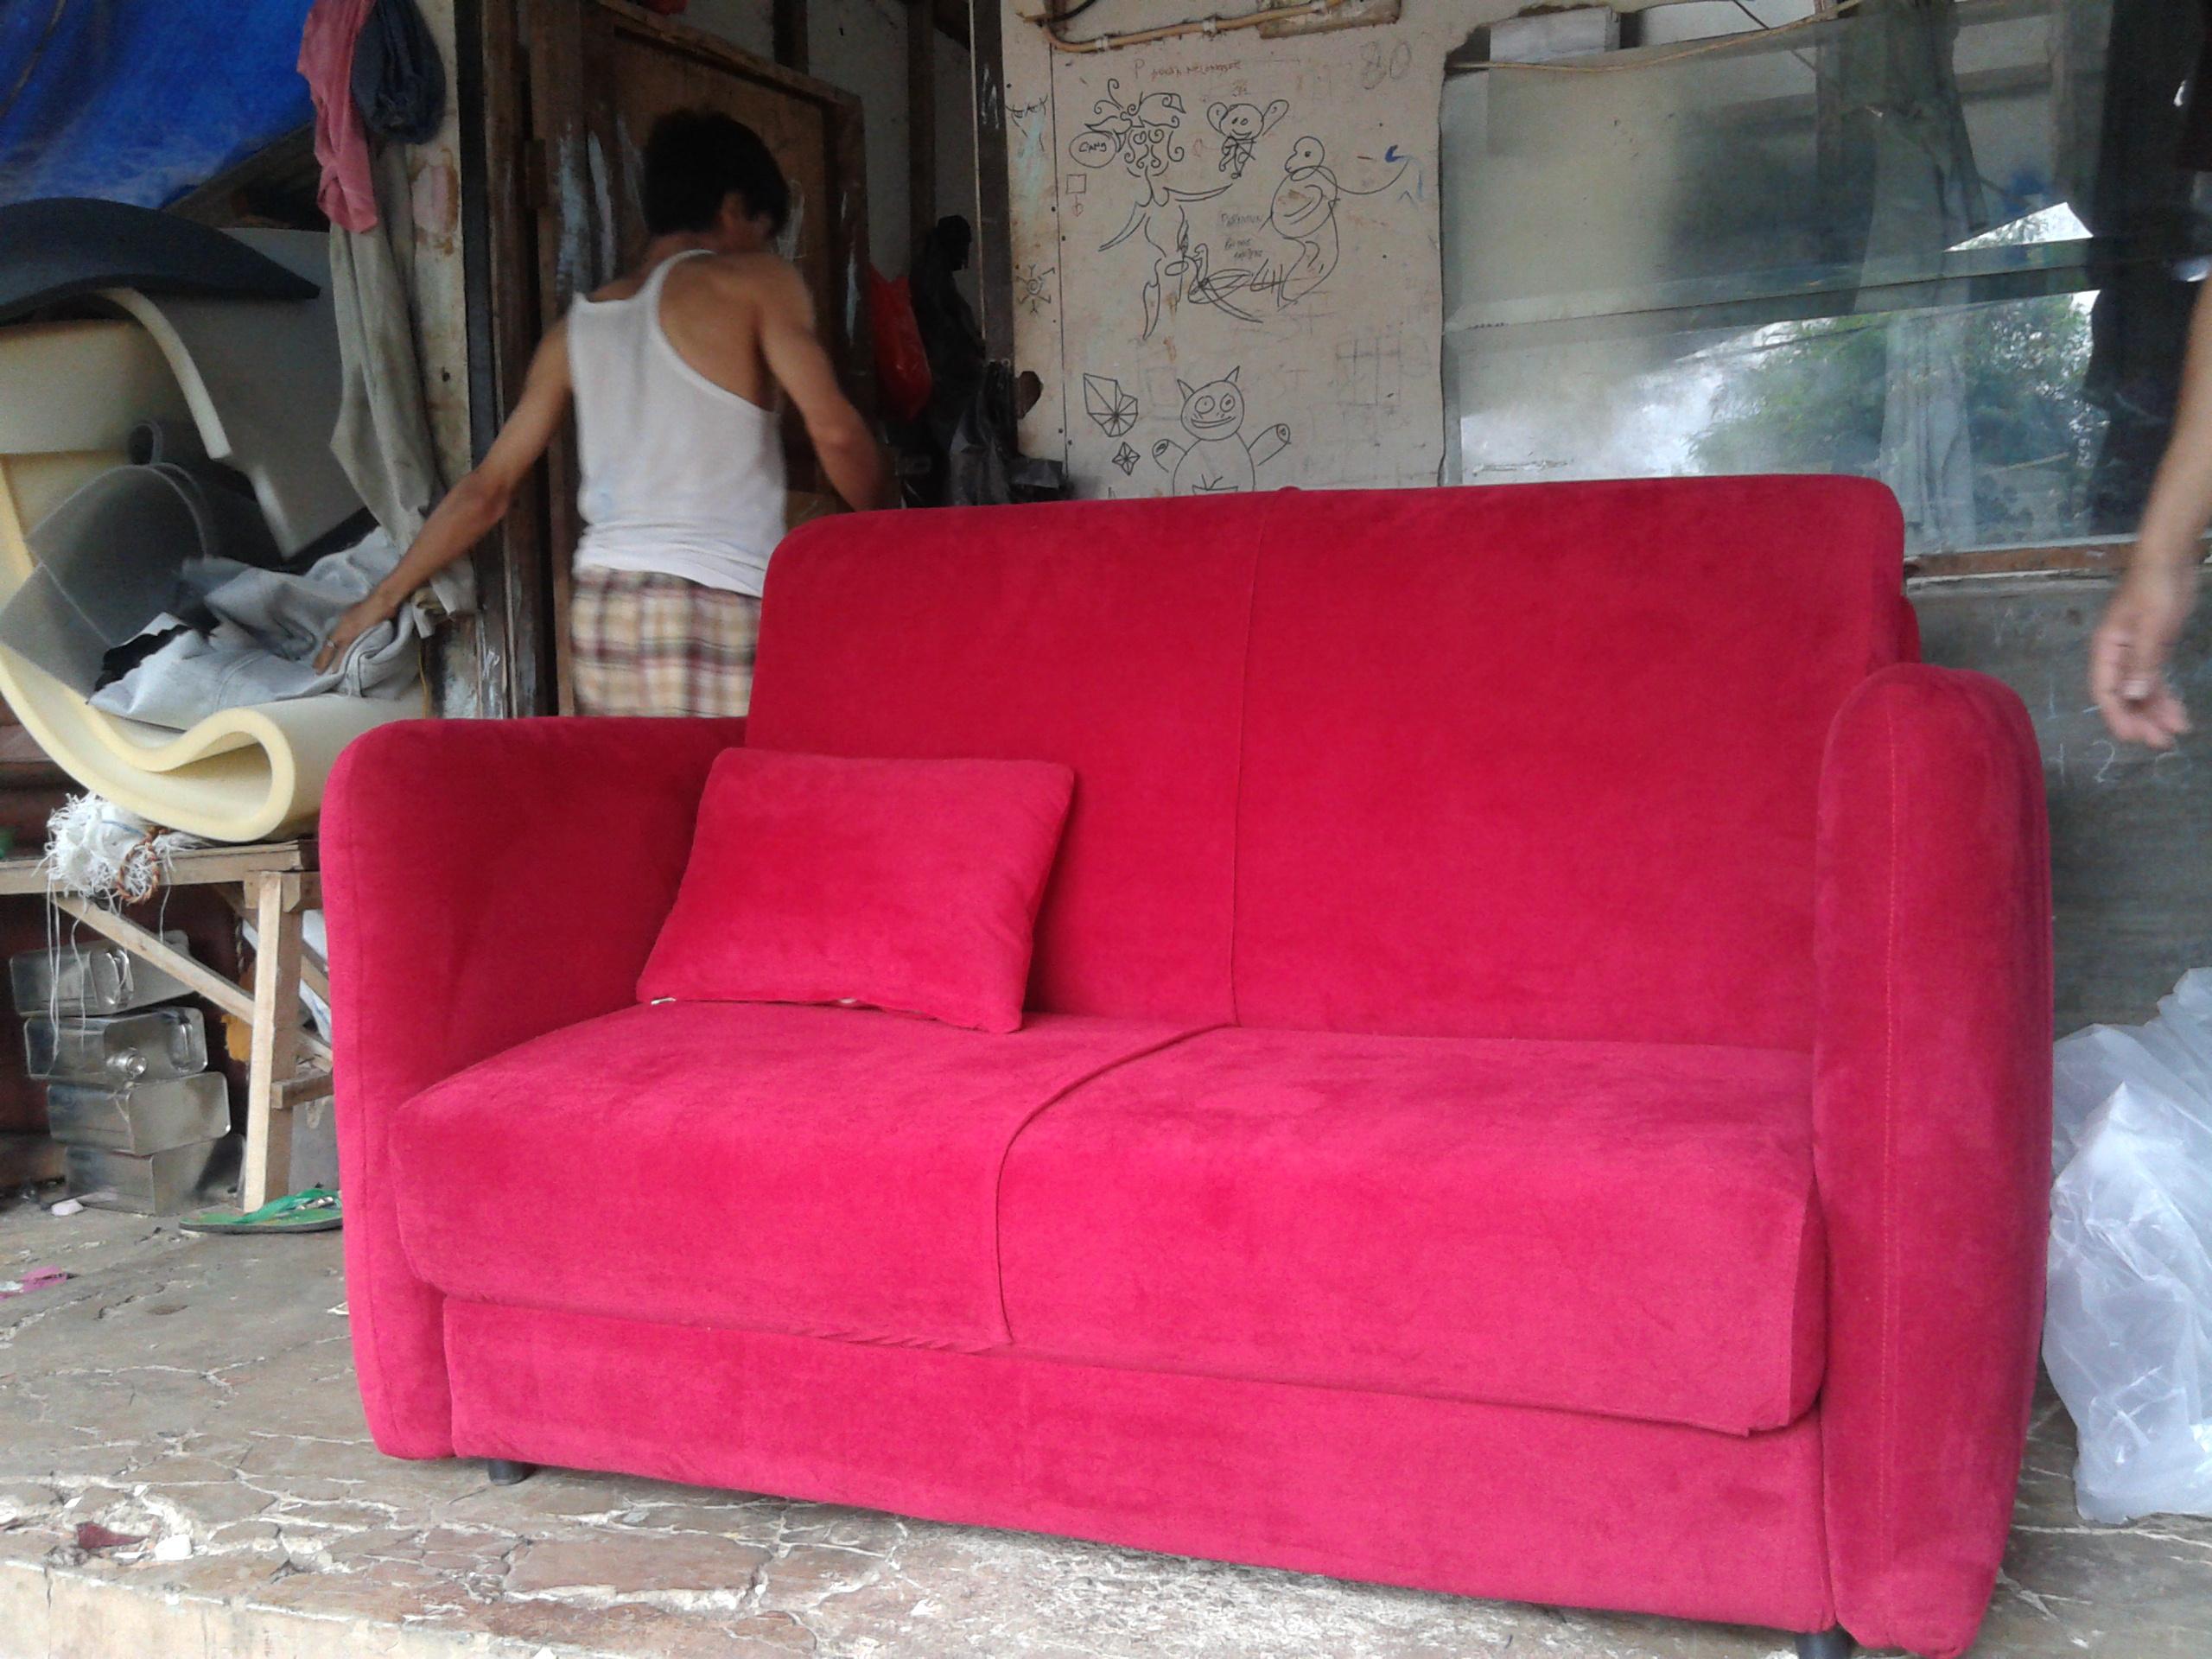 20130614 104213 SOFA BED AMORIST RED FERERRY MR. RIFTIZAS PROJECT (SBRZ0001)